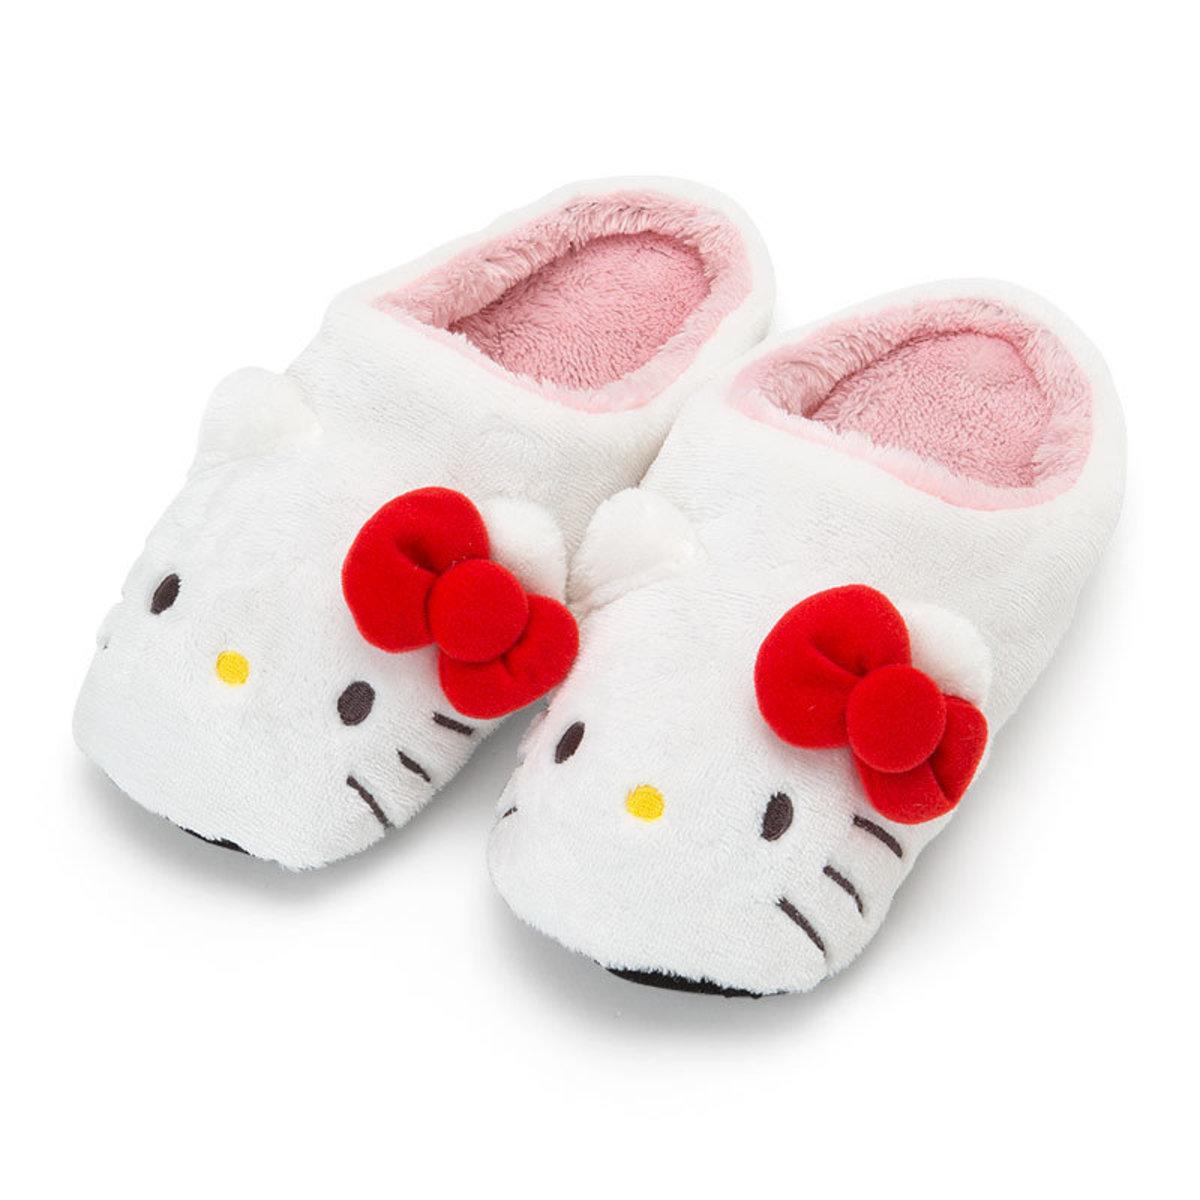 (Hello Kitty) Japan Sanrio Cartoon Fleece Slippers